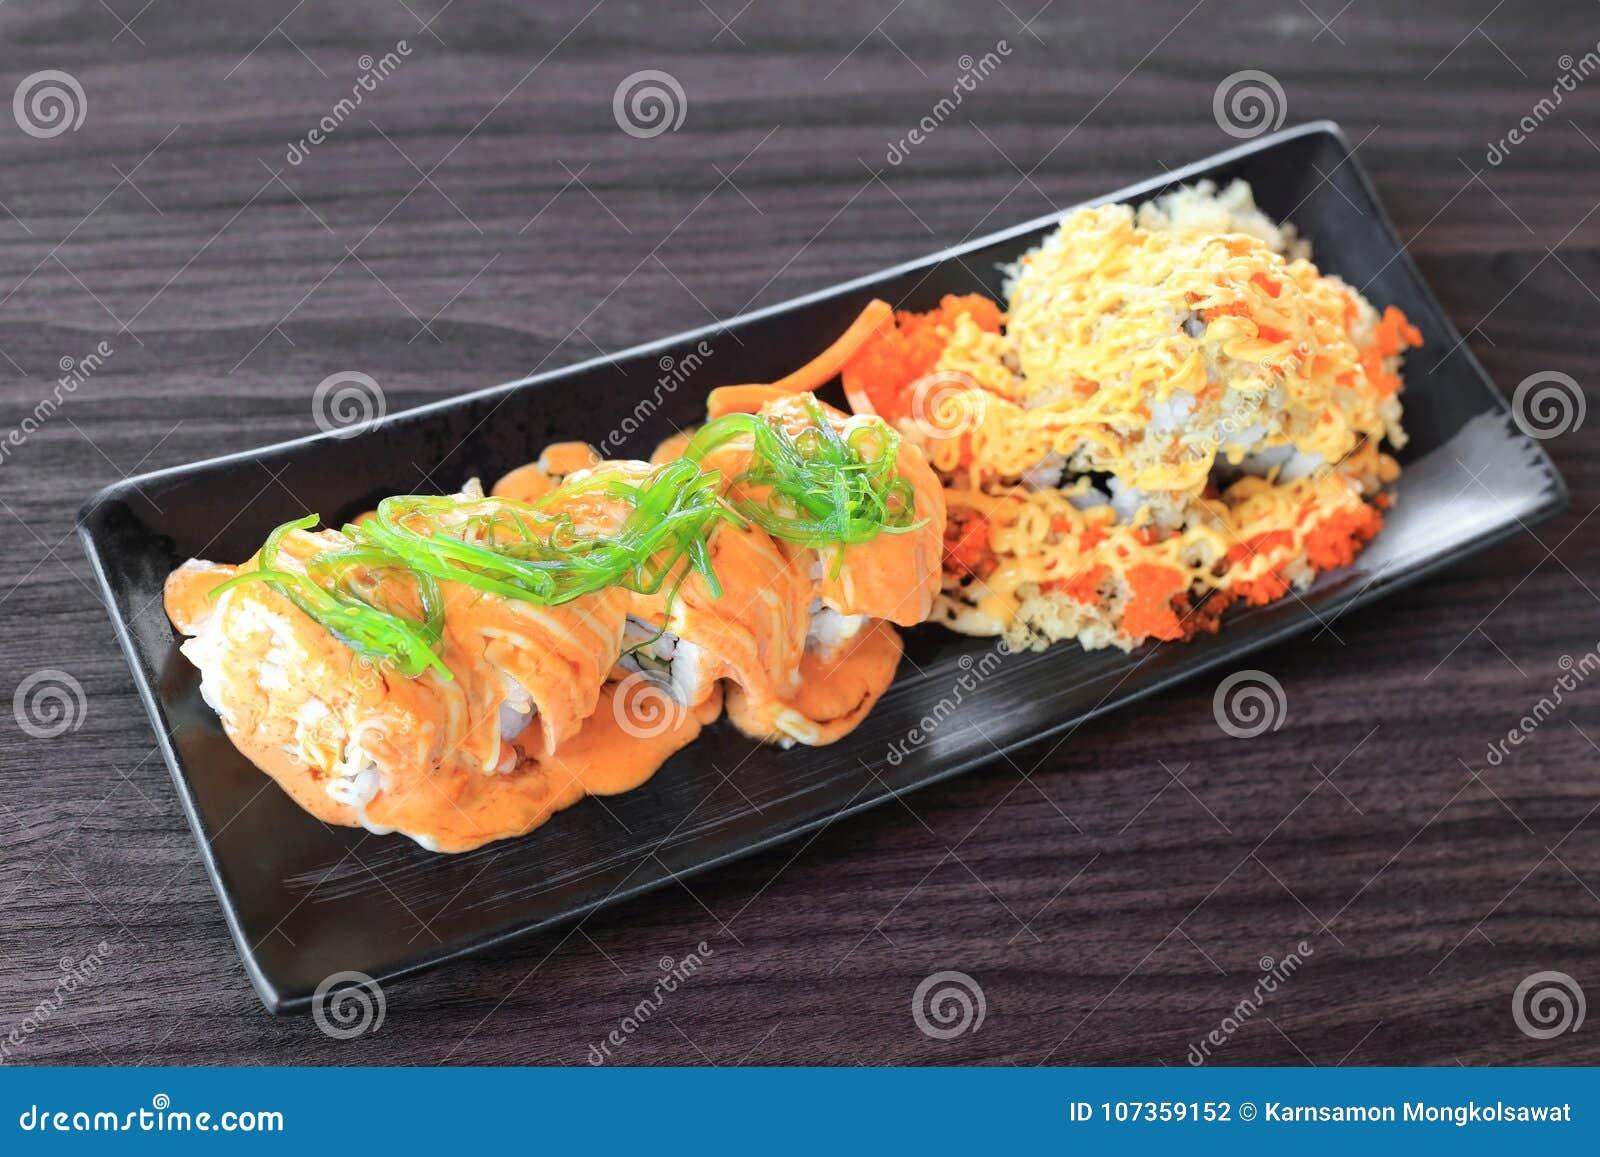 梅基寿司卷由与wakame海草的三文鱼上面制成和特别寿司冠上用酥脆天麸罗面粉、蛋黄酱和飞鱼